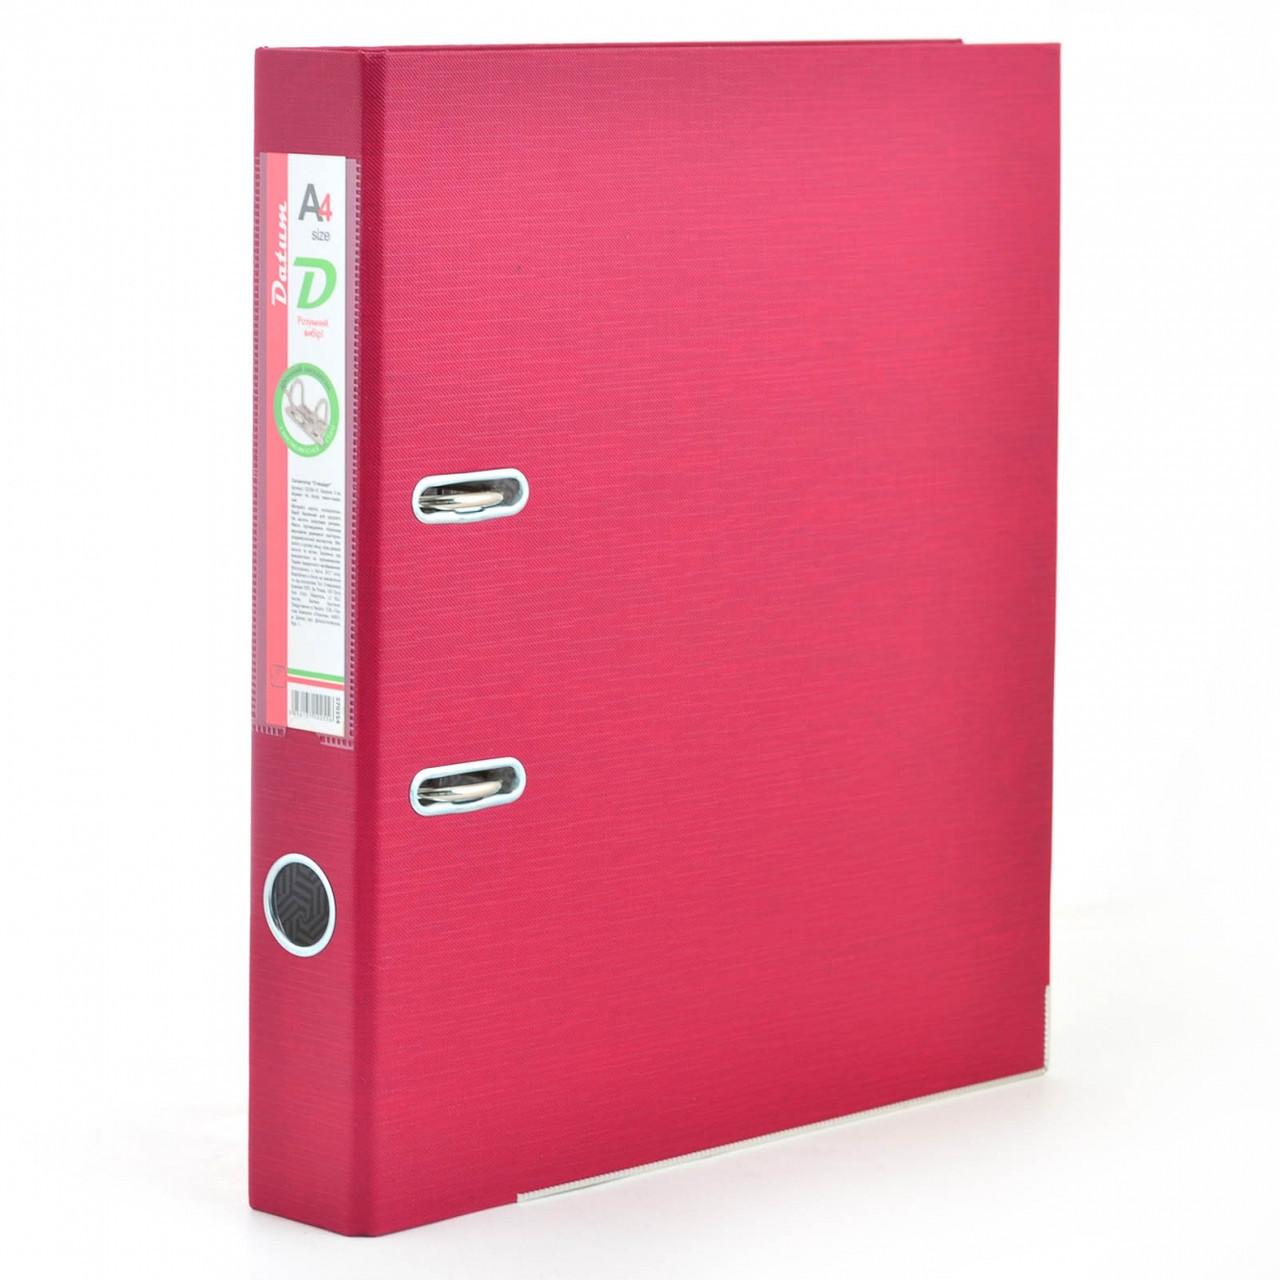 Сегрегатор (папка - регистратор)  А4/5см темно-красный D2260-15 (сборной)